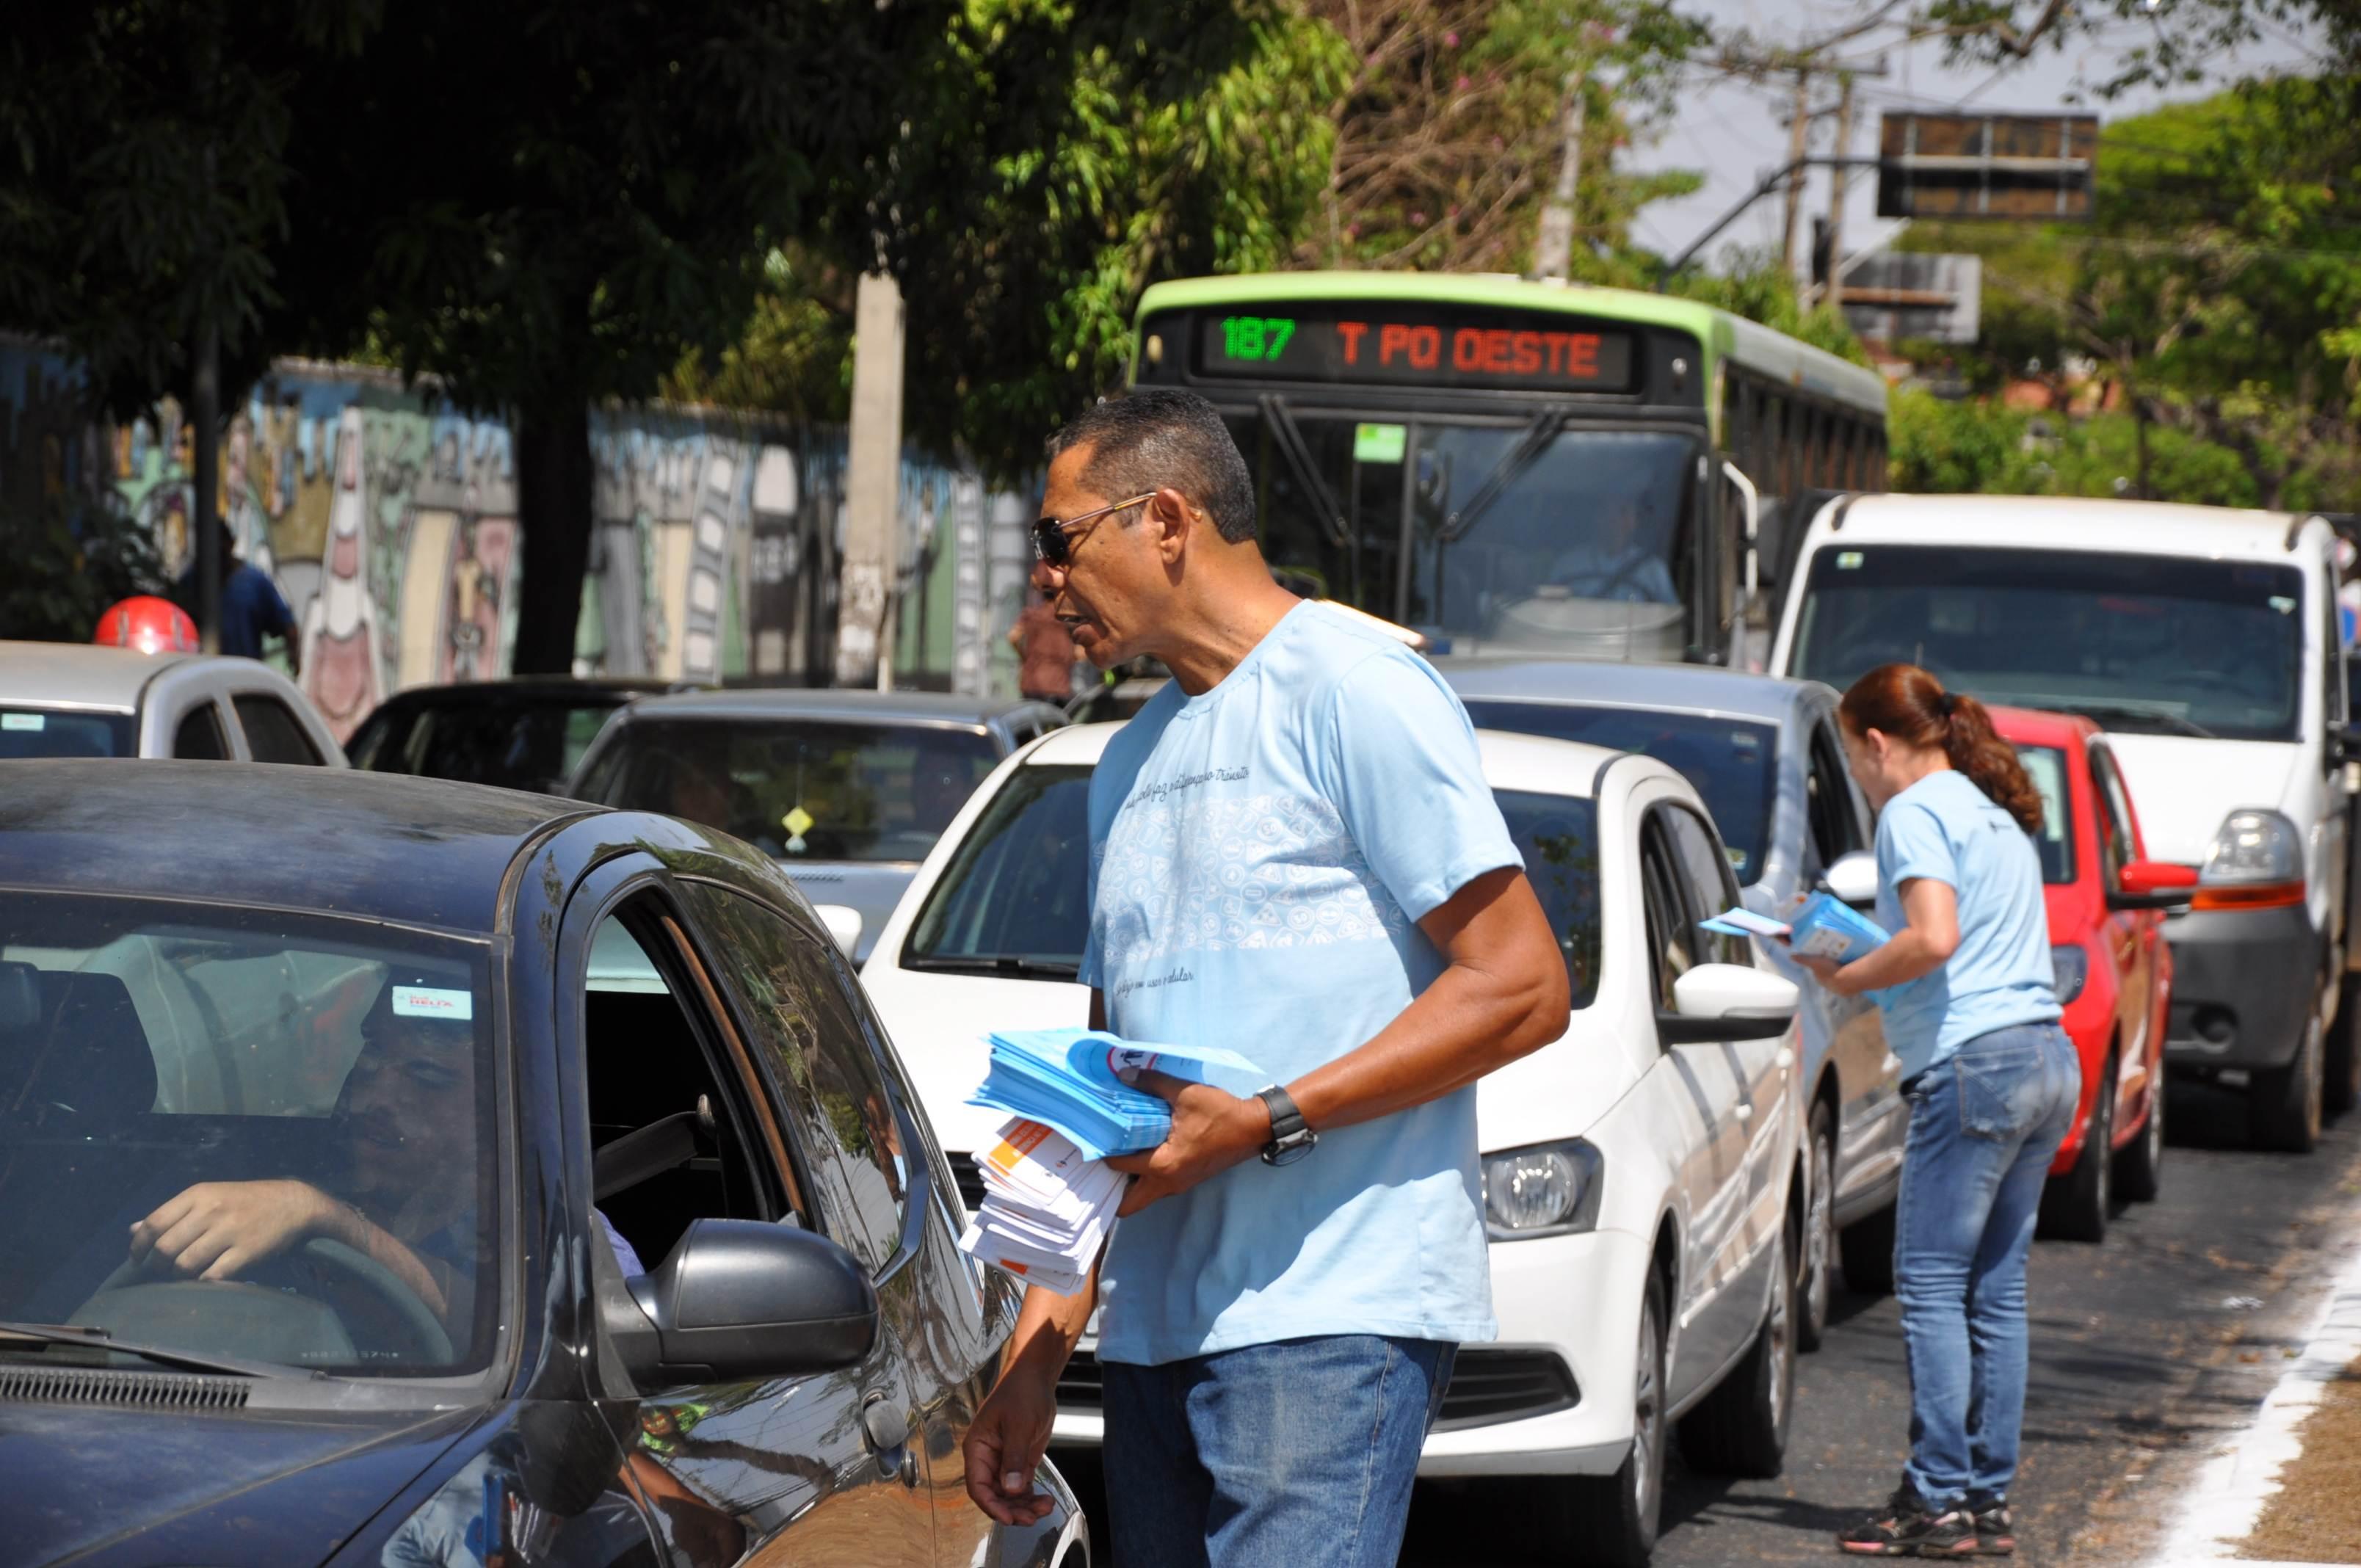 Também foi realizada uma blitz educativa no local | Foto: Divulgação / Detran-GO